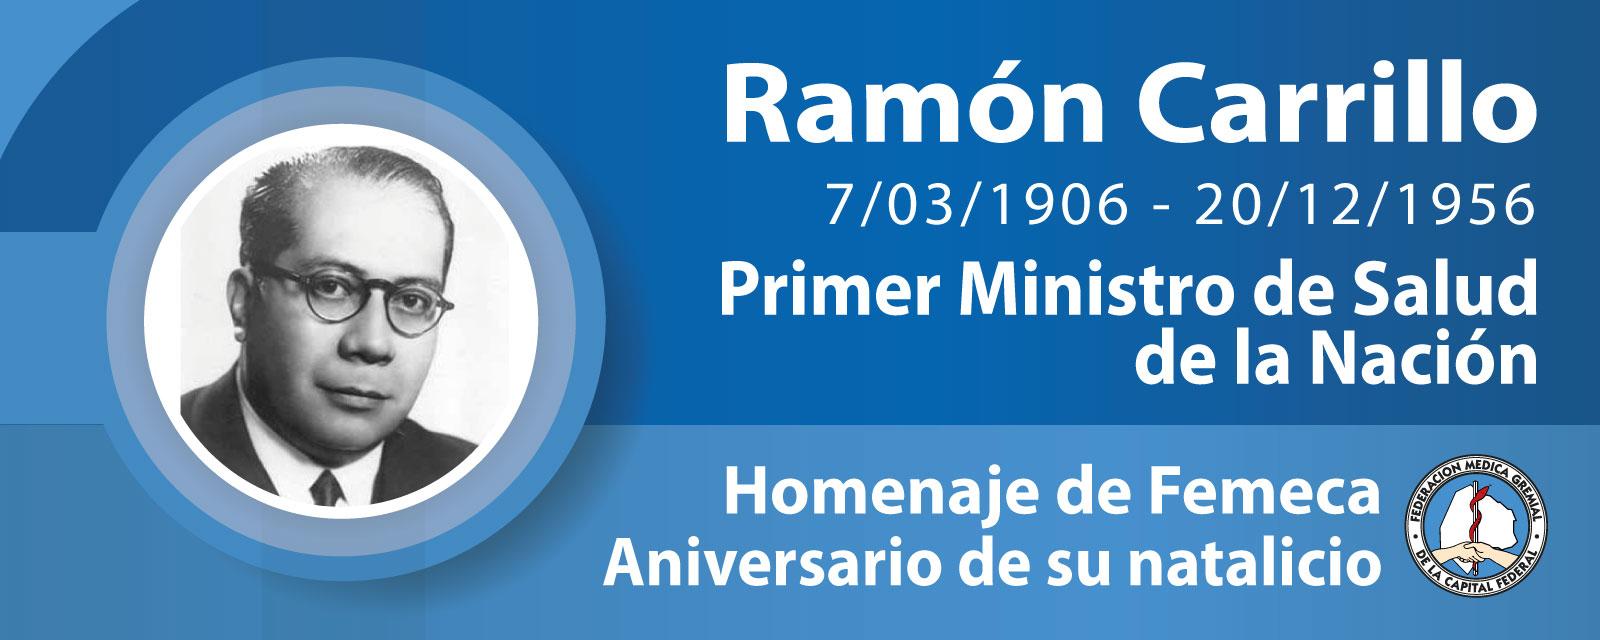 Dr. Ramón Carrillo, hombre fundamental de la salud argentina